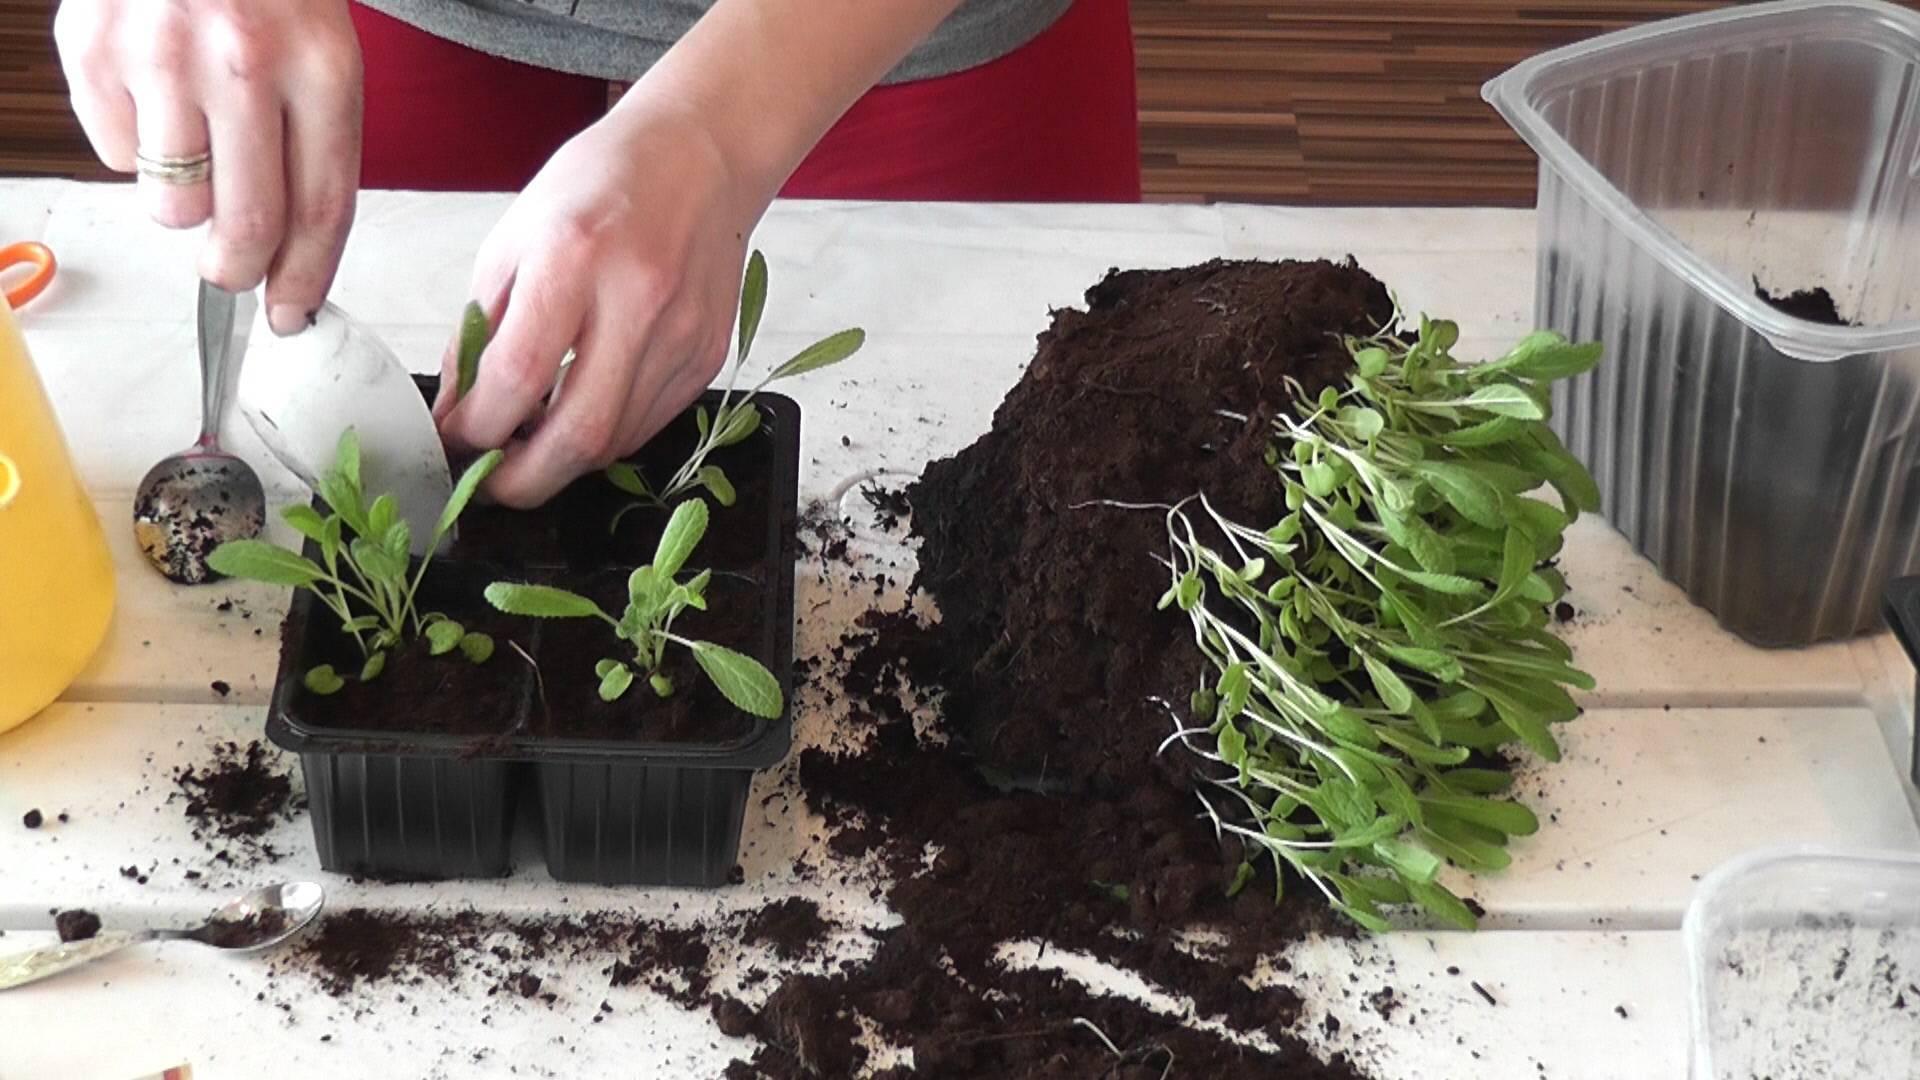 Астры выращивание из семян когда сажать и как сажать - пошаговая инструкция!